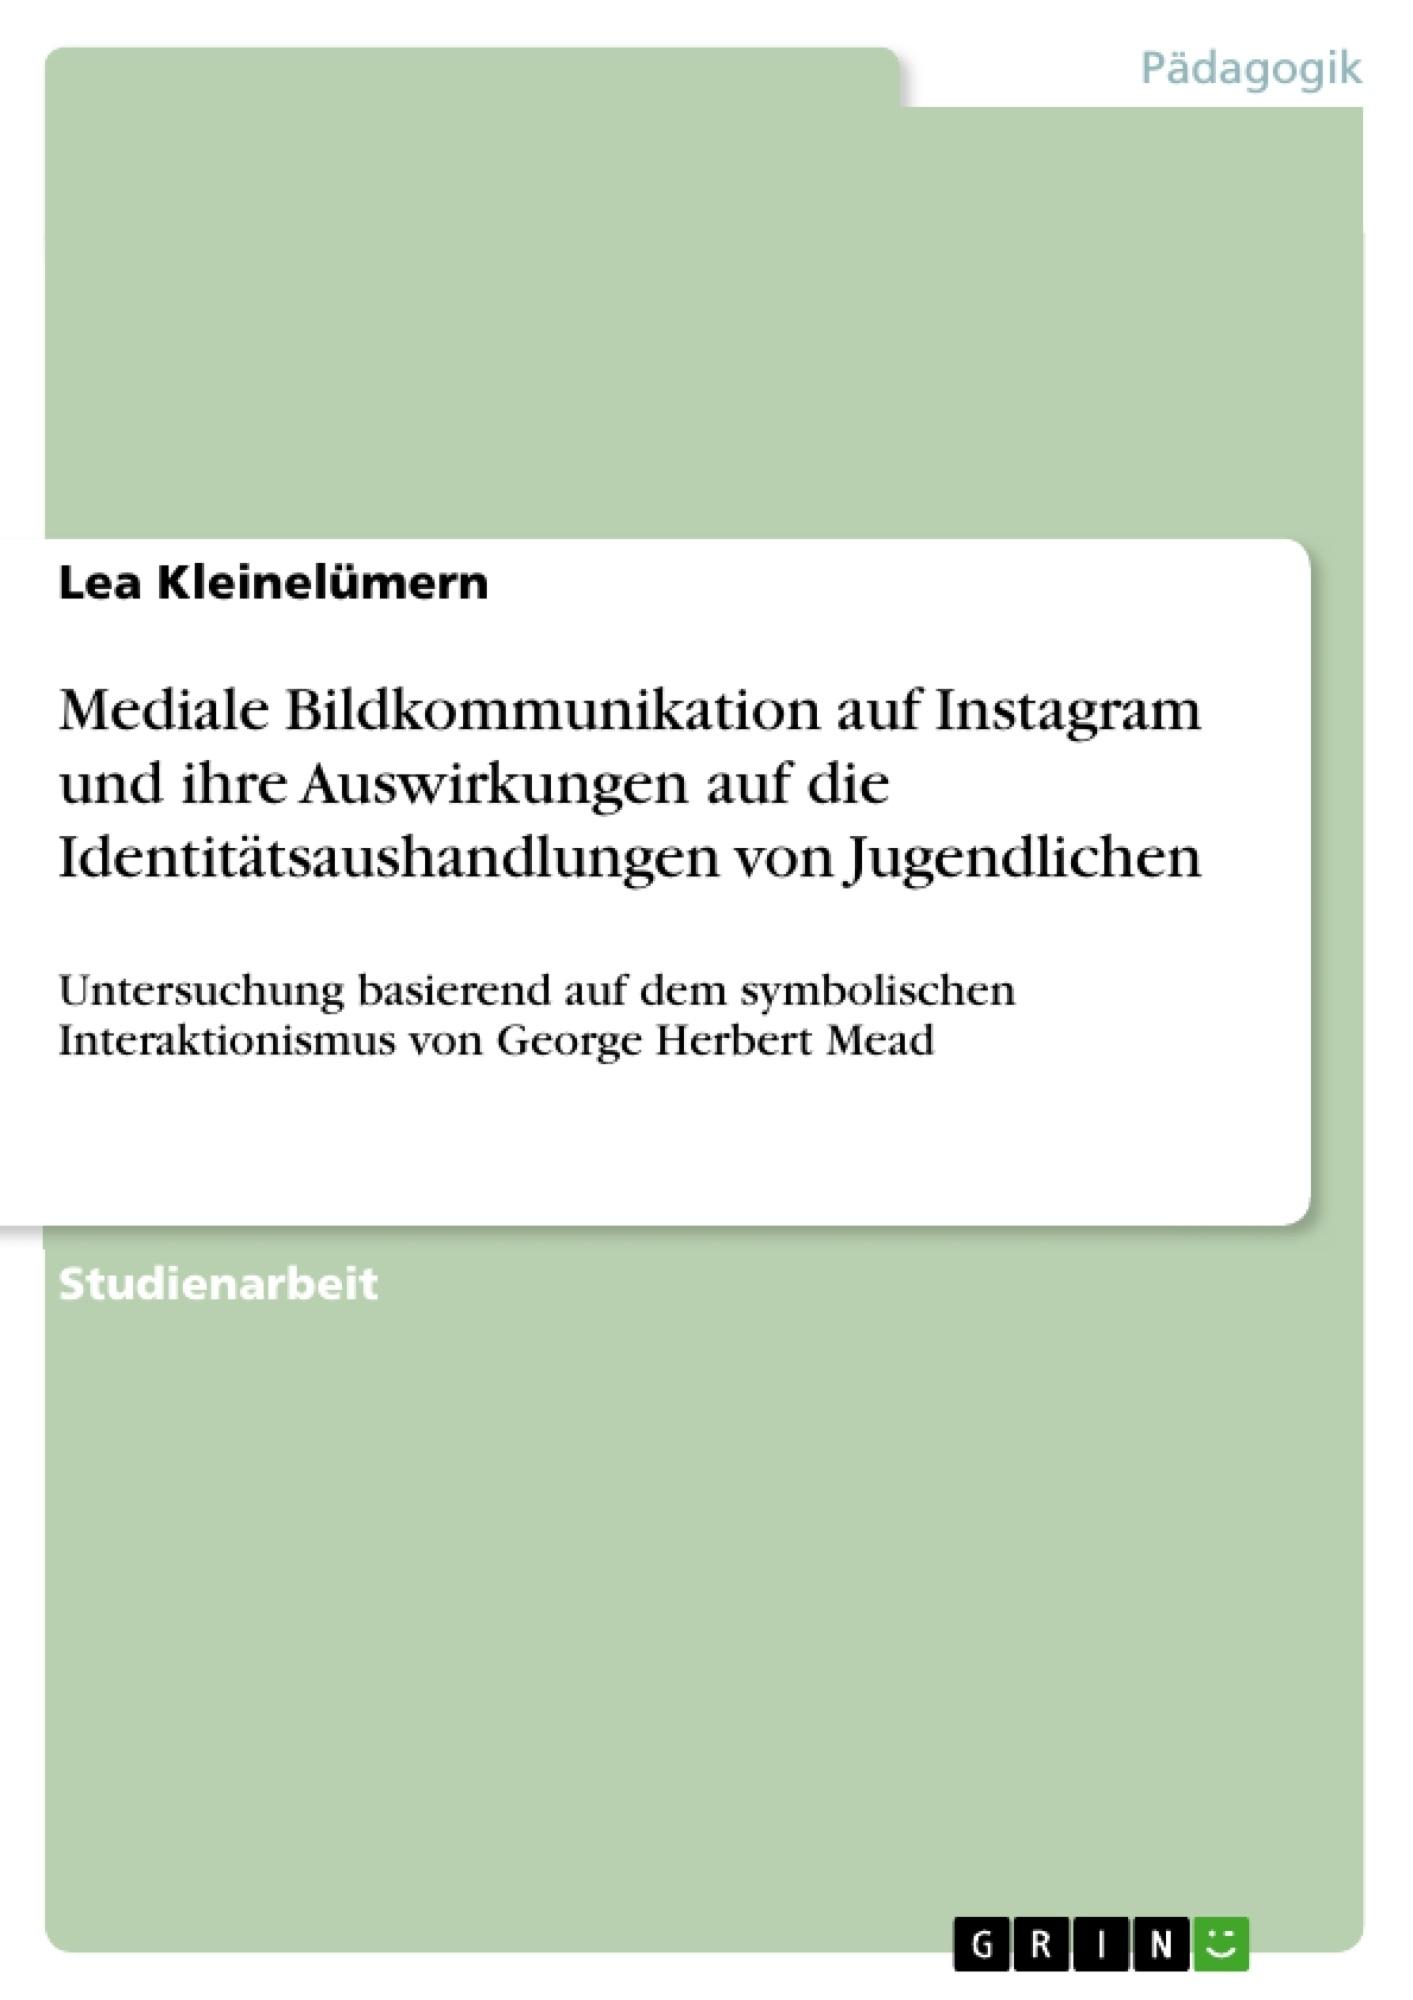 Titel: Mediale Bildkommunikation auf Instagram und ihre Auswirkungen auf die Identitätsaushandlungen von Jugendlichen